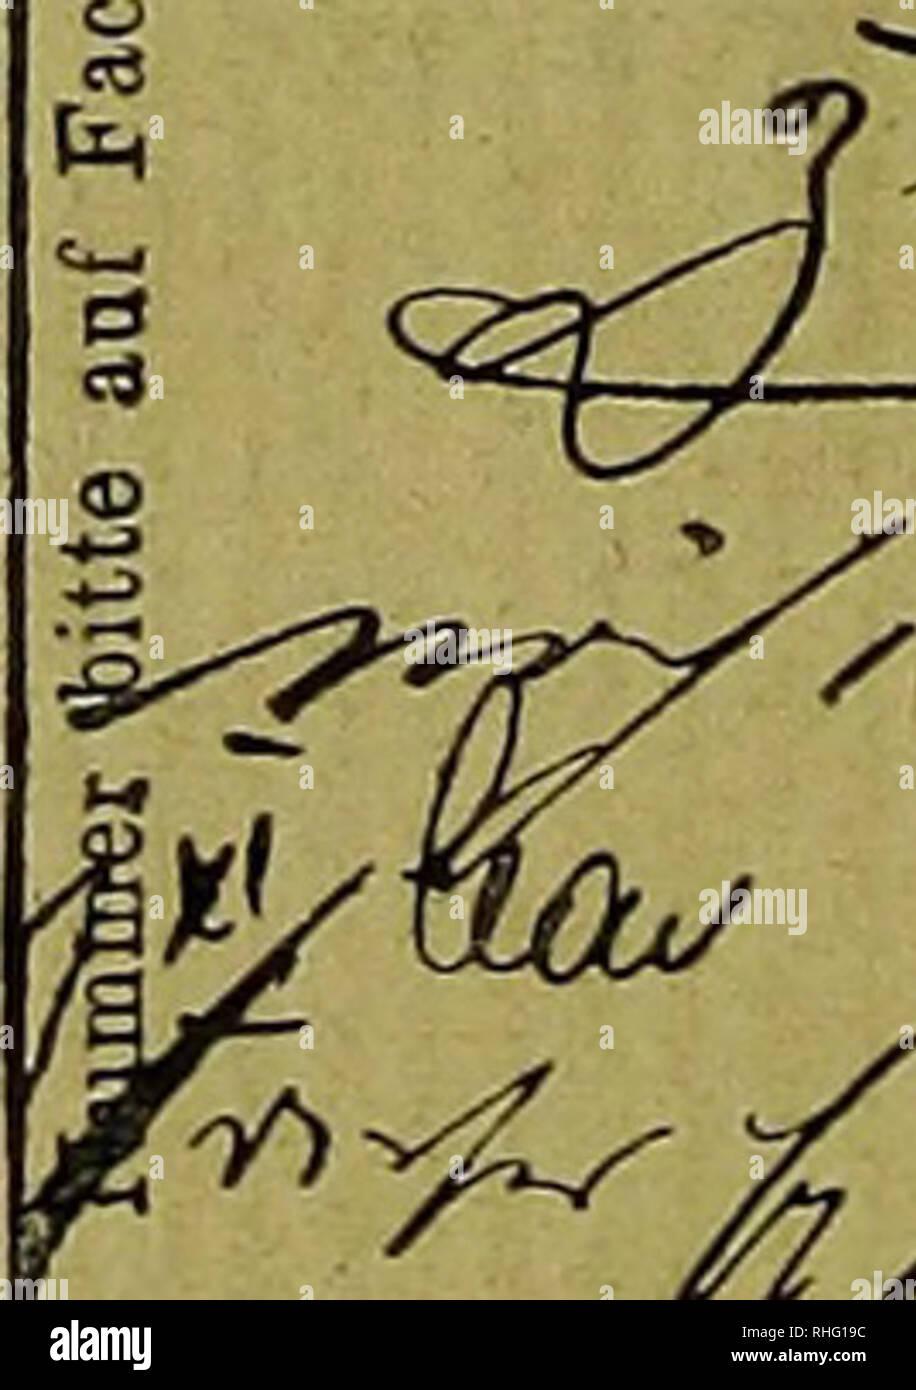 """. Blätter für Aquarien- und Terrarien-Kunde. Aquarium mit künstlerisch aus-geführtem Terraeotta-Untersatz 35 x 26 x 25 cm hoch 8 Mk. -Ein-schließlich Kiste ab Köln. 32/20/35 Mk. 2.-. 40/42/35 Mk. 4.-. 60/32/36 Mk. 10.-. Ia weisse Glasaqnaricn laut Preisliste. Ernst Ehl, Köln. [18] Glasaquarien, rein weiß, mit SSekröming und Sockel mit Holzbodeu und Filzunterlage. 45 x 32 x 35 Mk. 9.-i 36 x 22 x 24 """" 6.50 Ich? Glasaquarien, [19] 45 x 32 x 35 Mk. 6,50 EUR incl. Kiste. Julius Müller, Spremberg (Lausitz). Grottenstein-Aquarien-Einsätze mit Blumentöpfen uow. [201 ä Stück 20 Pfg. bis 50 Mk. Größte Fabrik of this B Sterben Stockbild"""